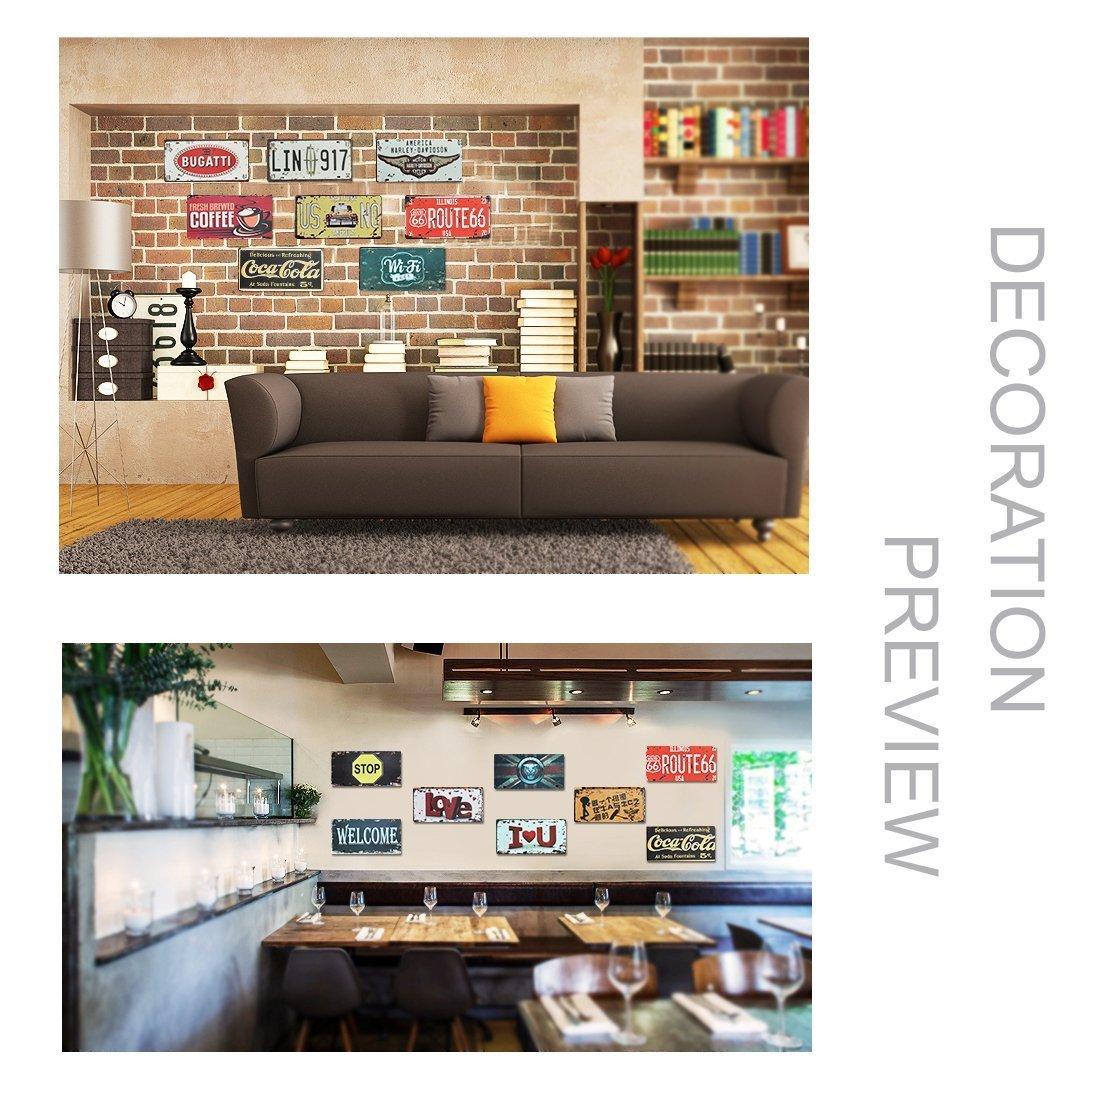 bar exposition 6x12 Plaque dimmatriculation de voiture Eureya restaurant D/écoration murale vintage pour maison caf/é pub New York Big Apple M/étal